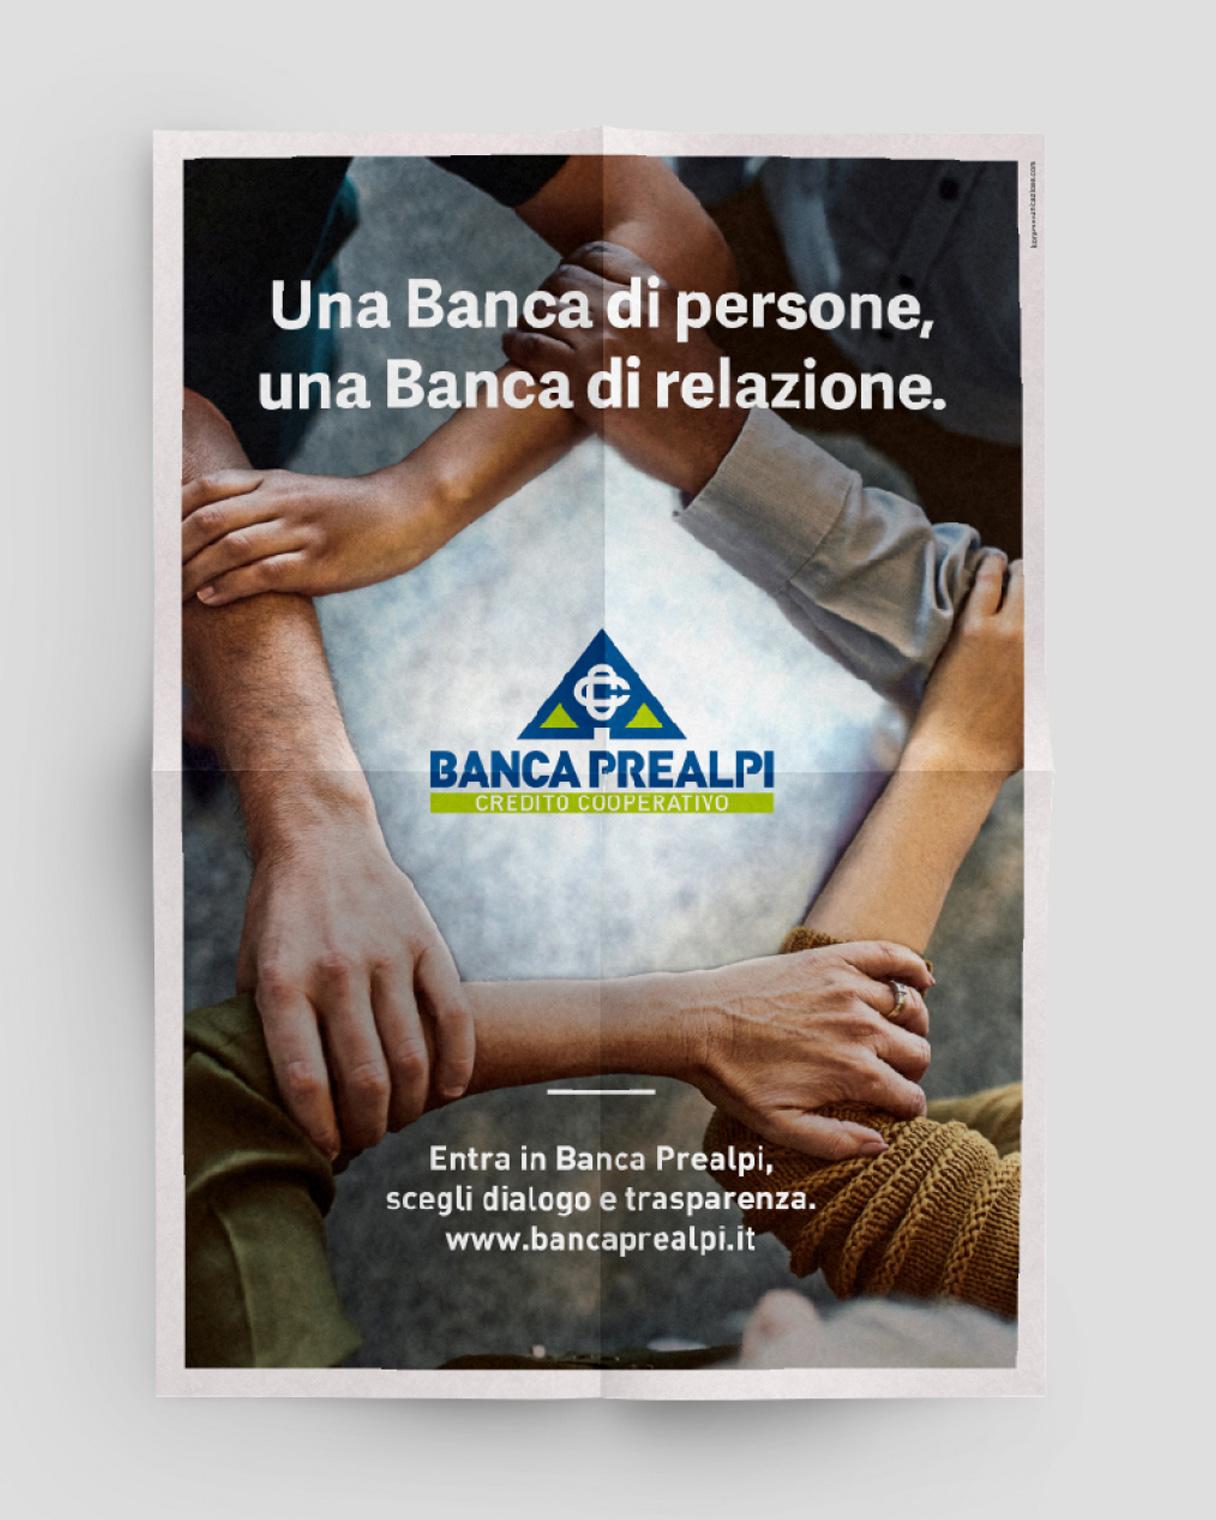 Ideazione campagne pubblicitarie poster Banca Prealpi SanBiagio | Kora Comunicazione